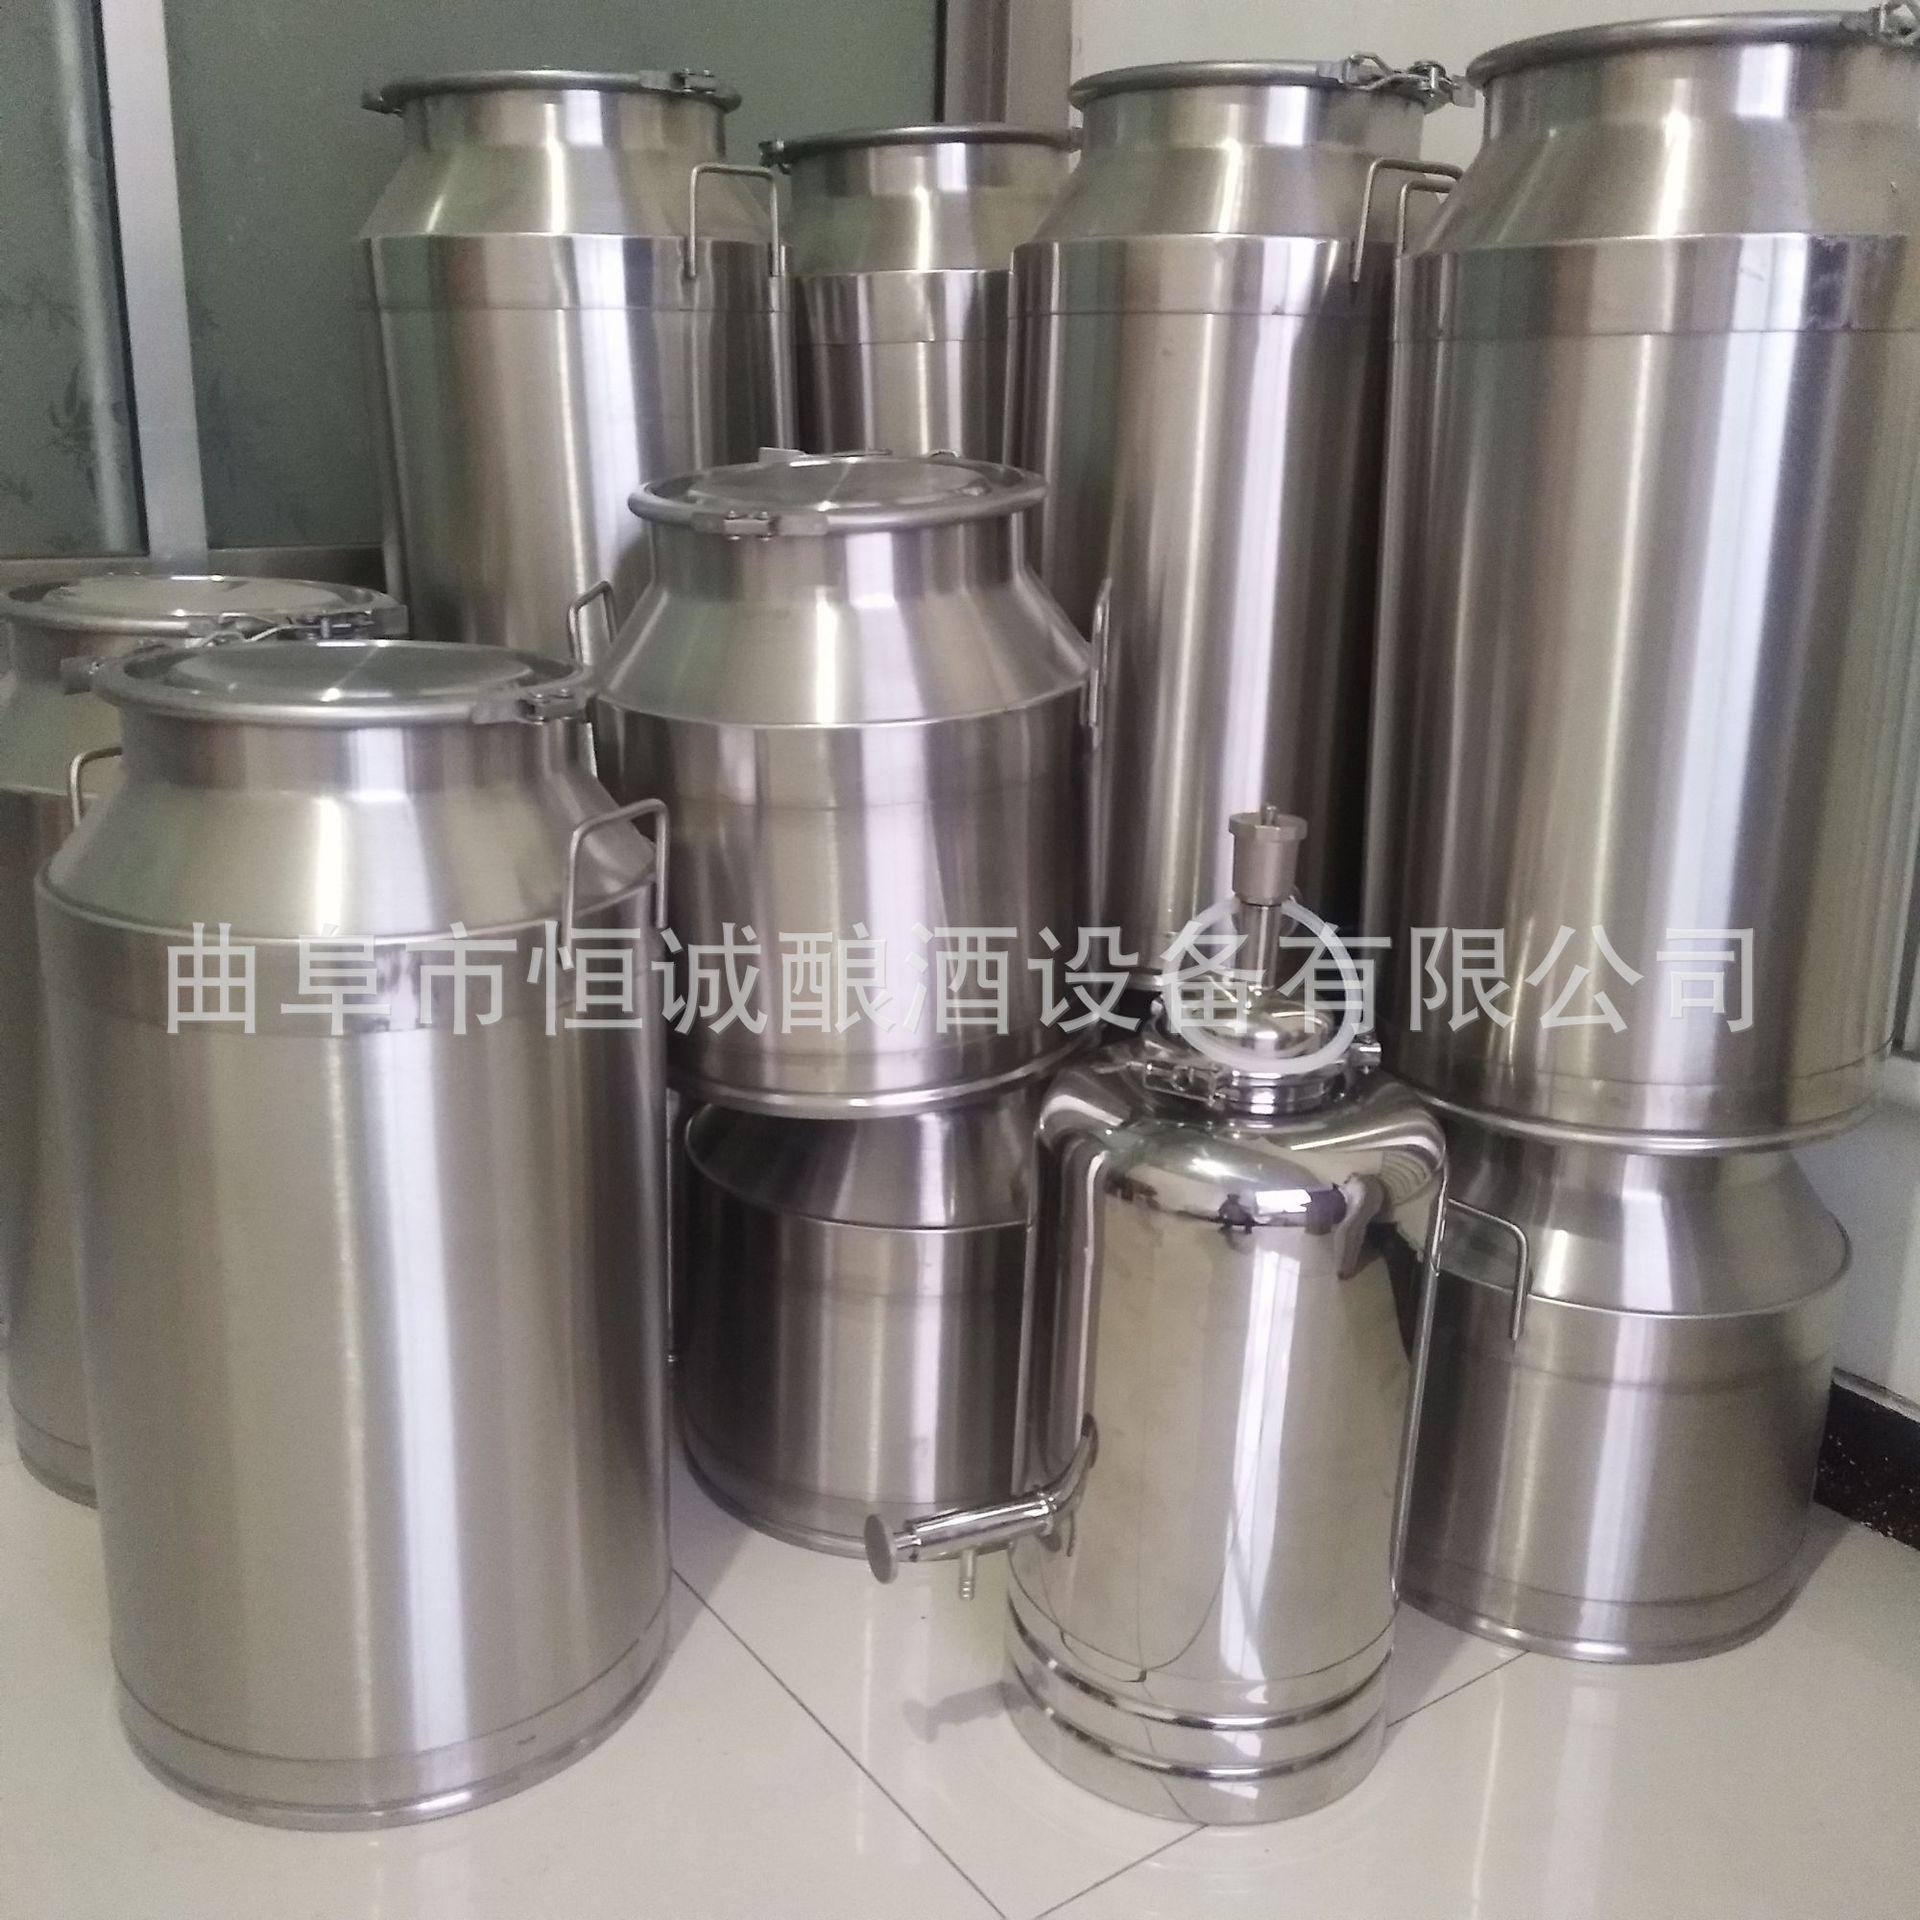 不锈钢304加厚密封酒桶 50升100升 200升定做加工储存酒水食用油示例图5